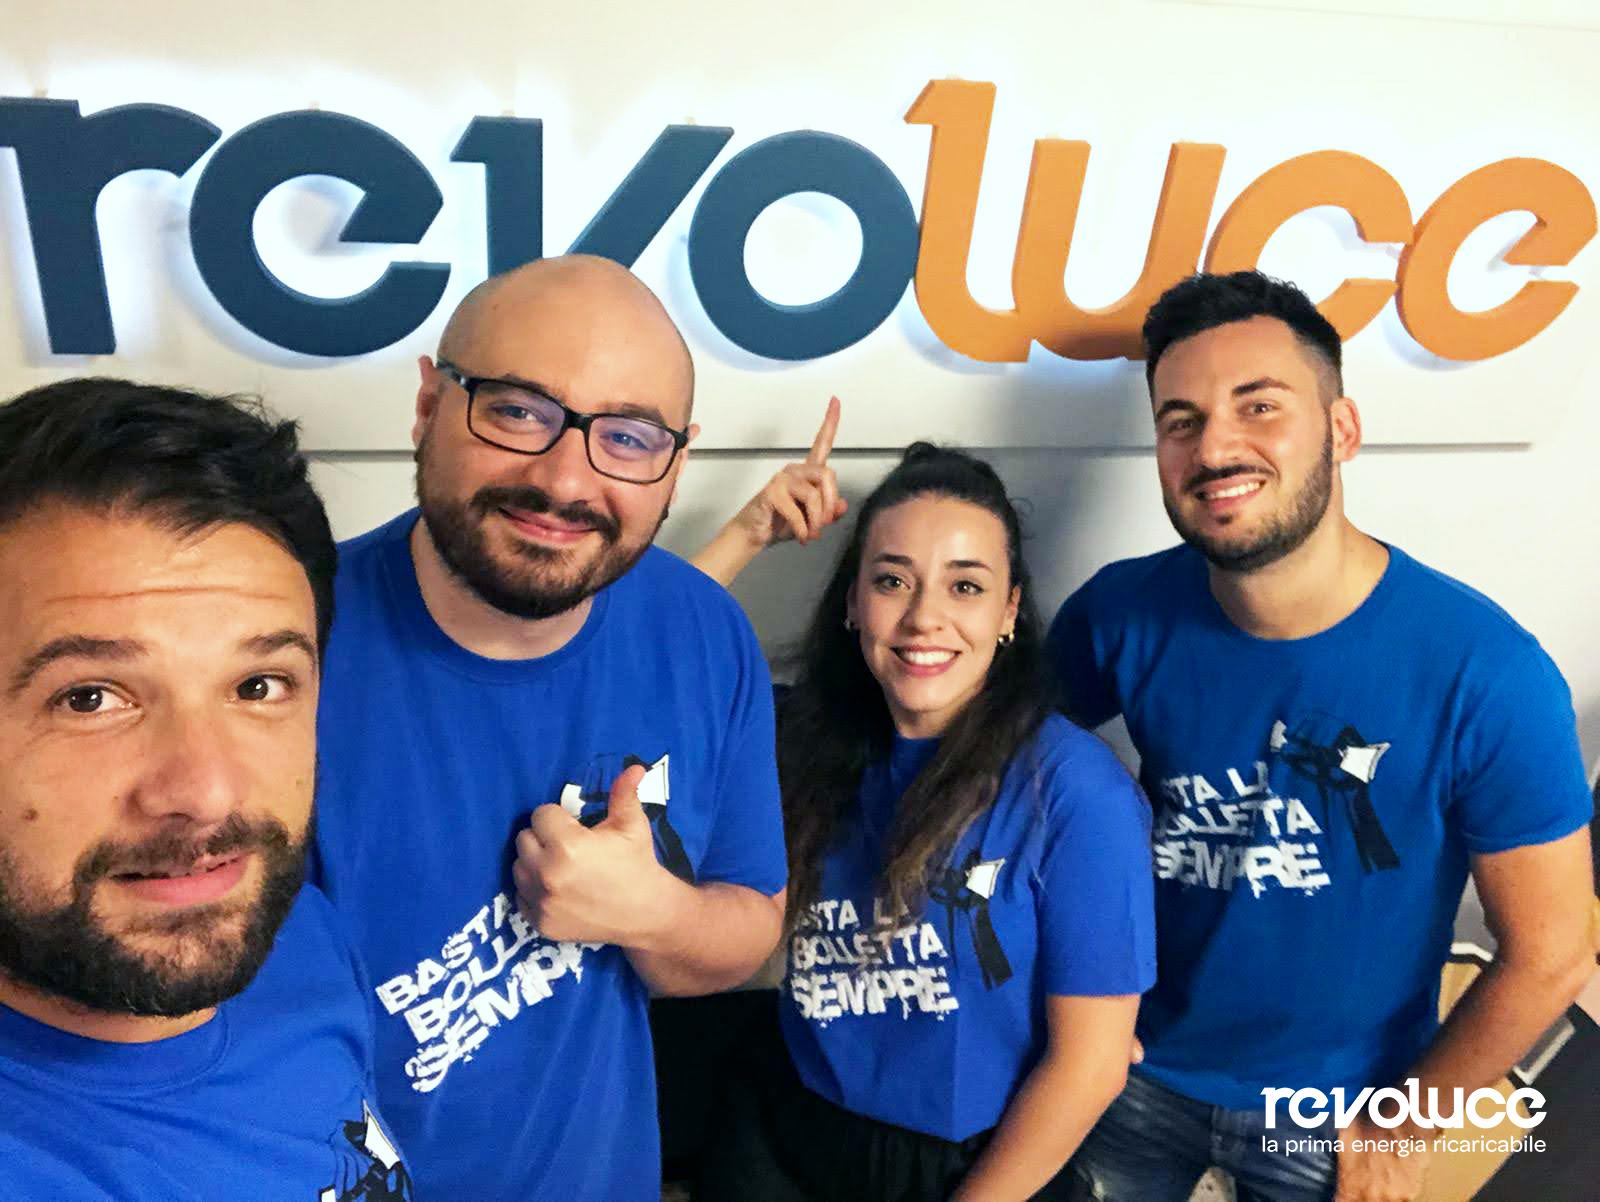 Revoluce, la startup di energia ricaricabile che ha stretto una partnership con Generali Italia